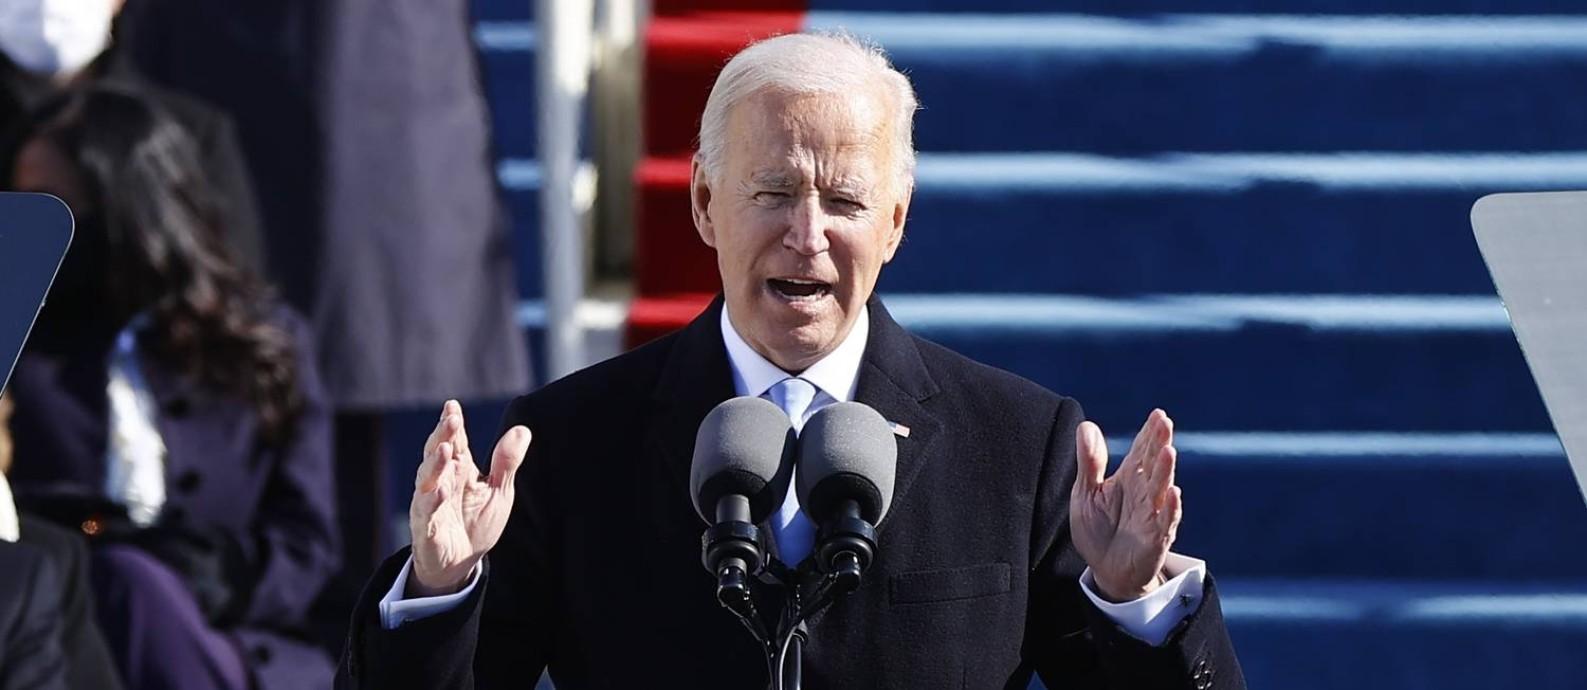 O novo presidente dos Estados Unidos, Joe biden, em seu discurso de posse Foto: JIM BOURG / REUTERS